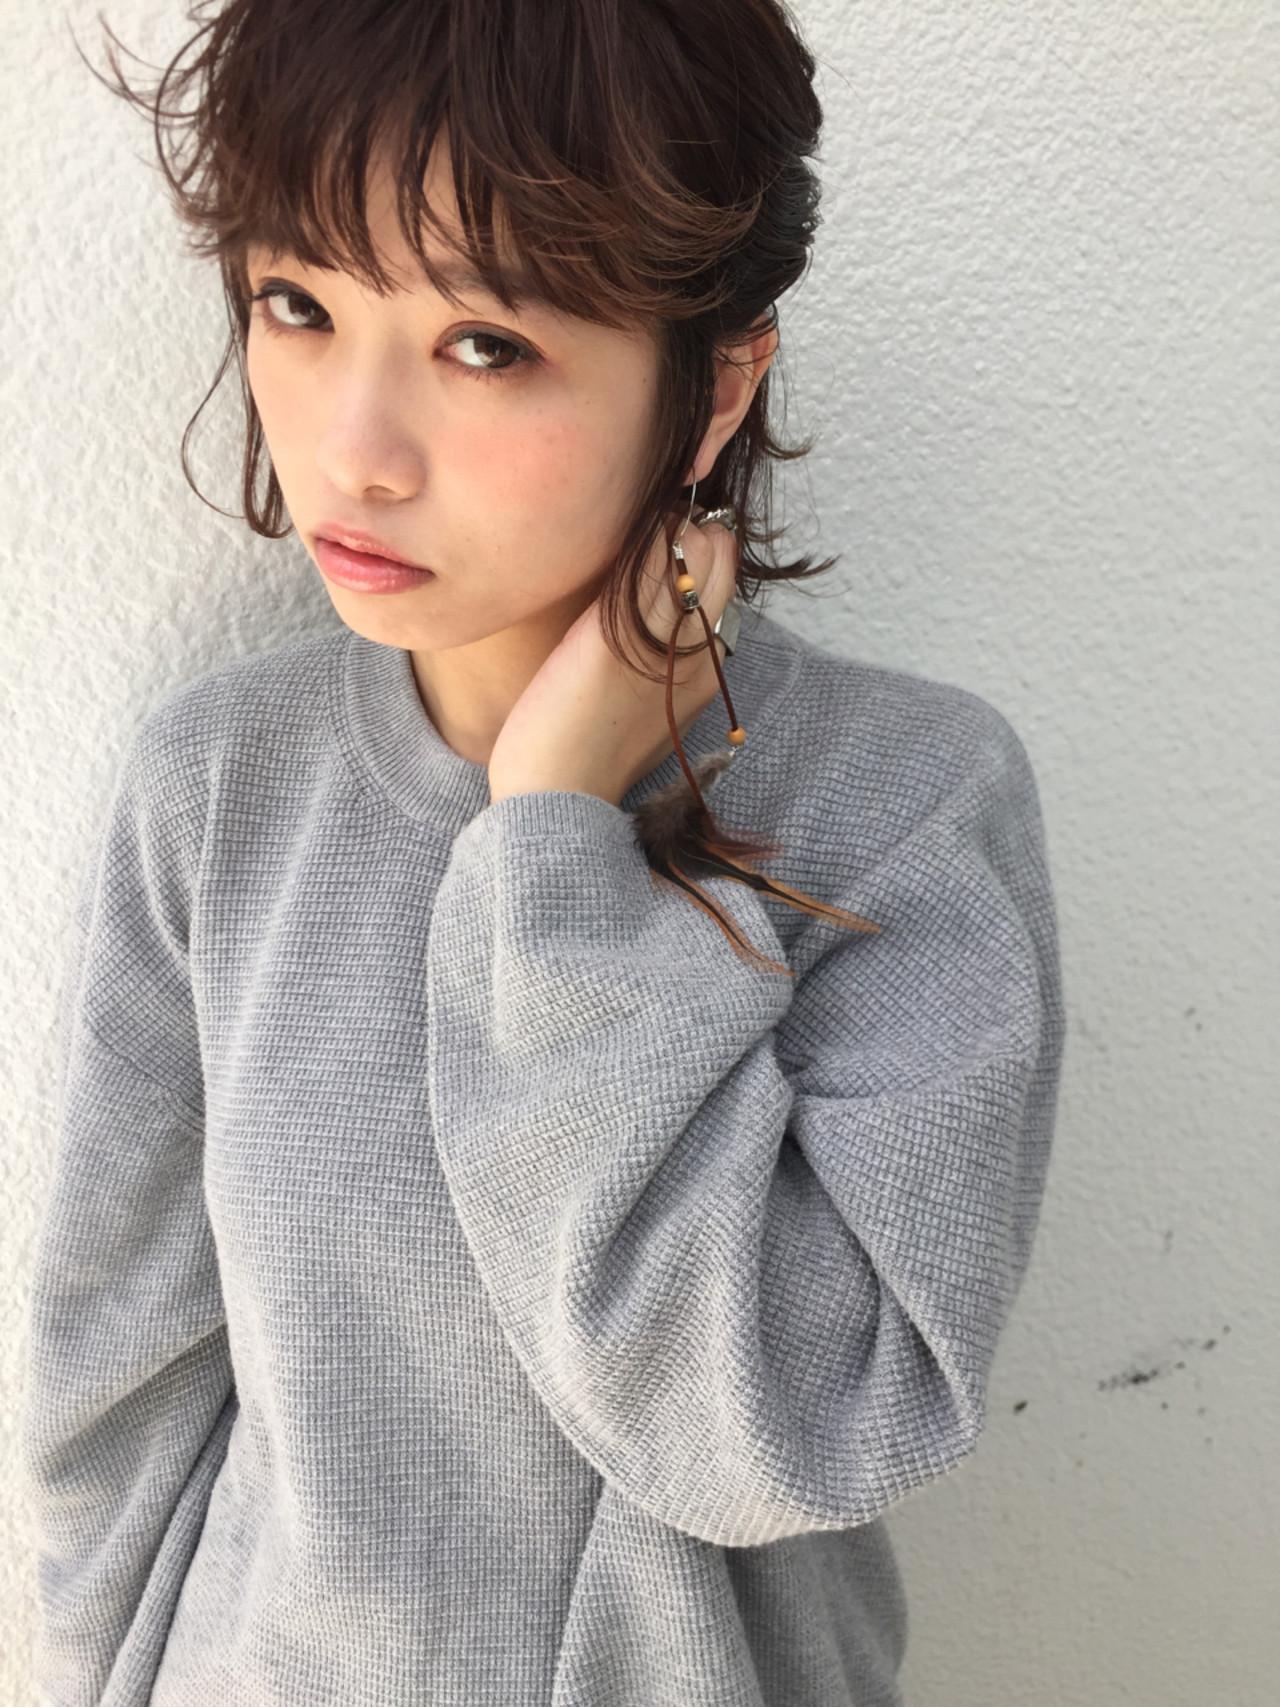 大人女子 ヘアアレンジ 簡単ヘアアレンジ ハーフアップ ヘアスタイルや髪型の写真・画像